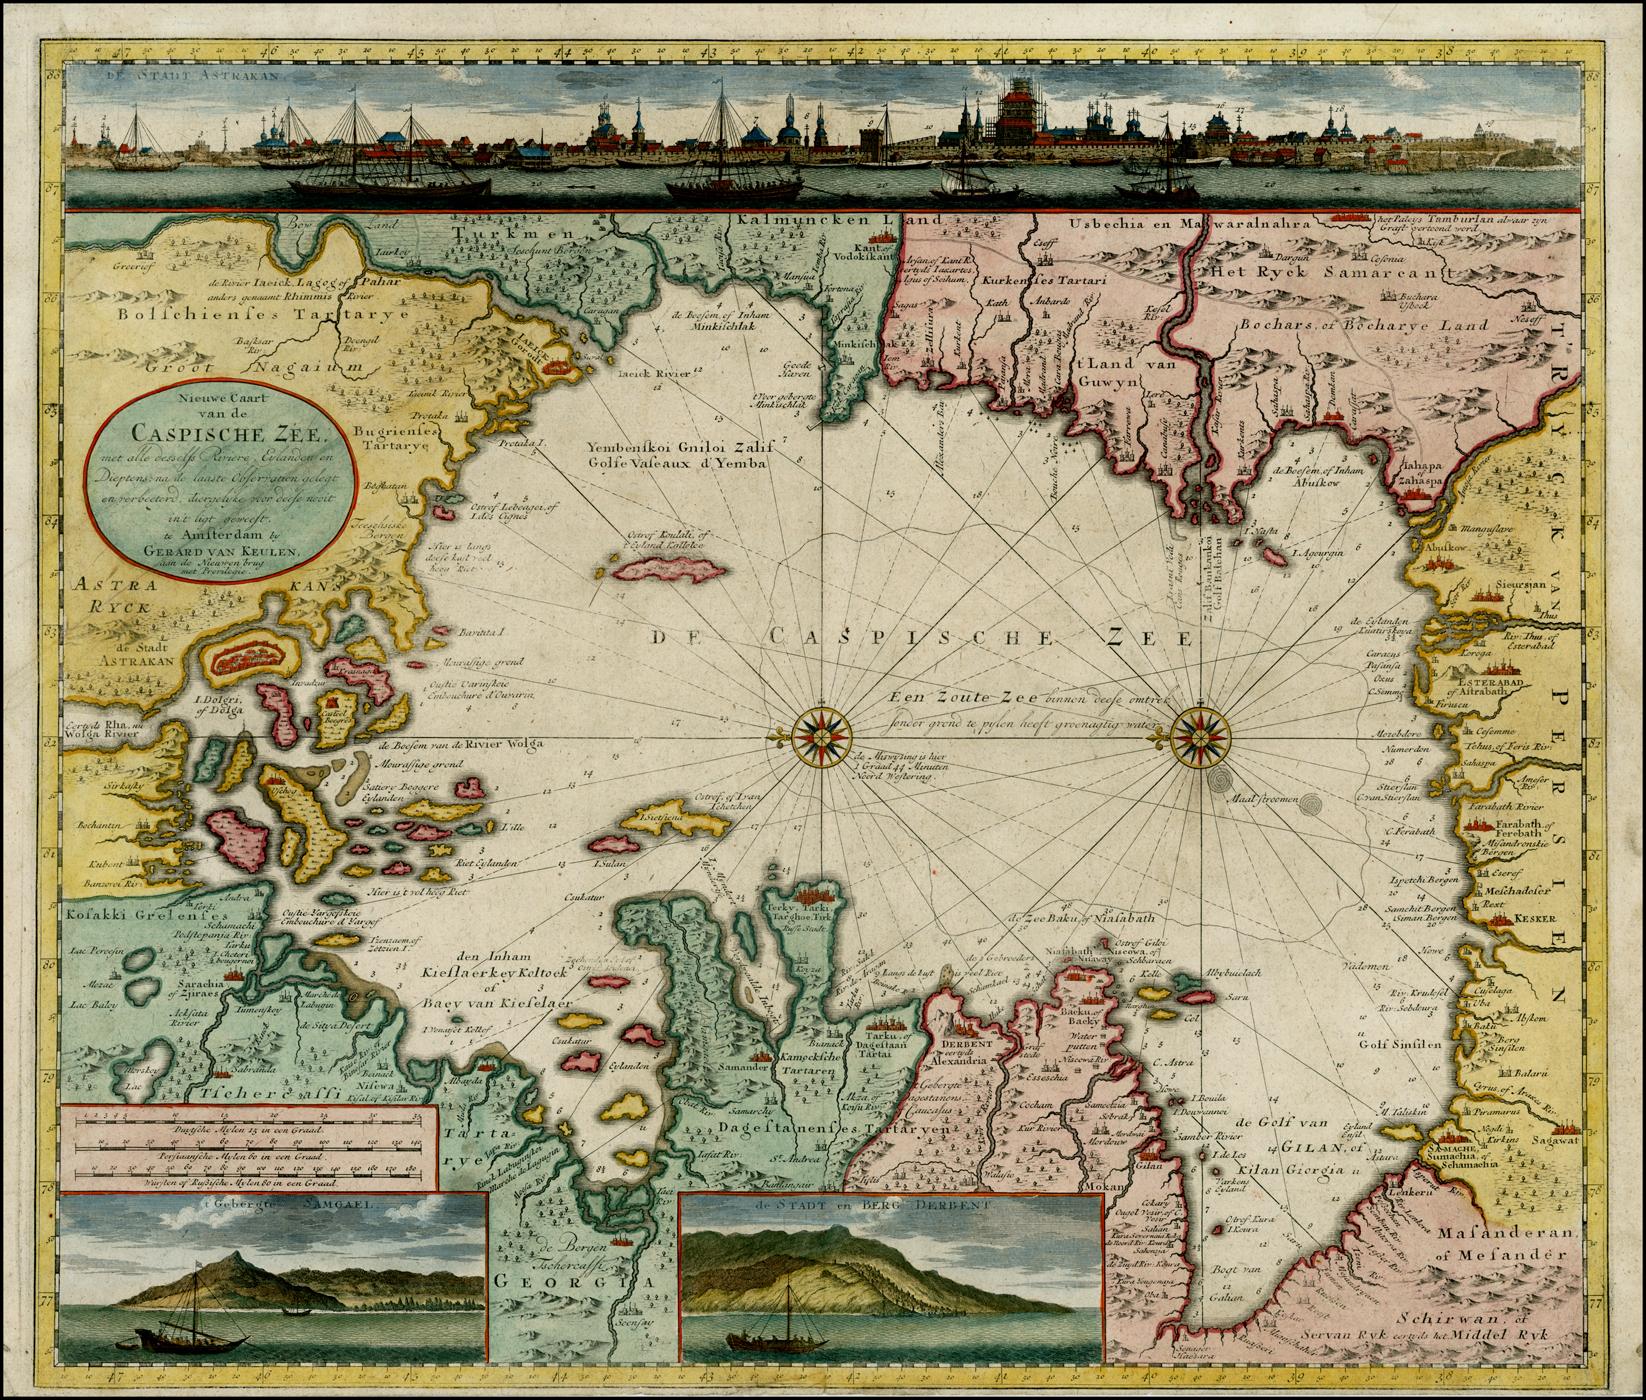 Sea Charts: Gerard Van Keulen. Nieuwe Caart van de Capische Zee met alle ,Chart